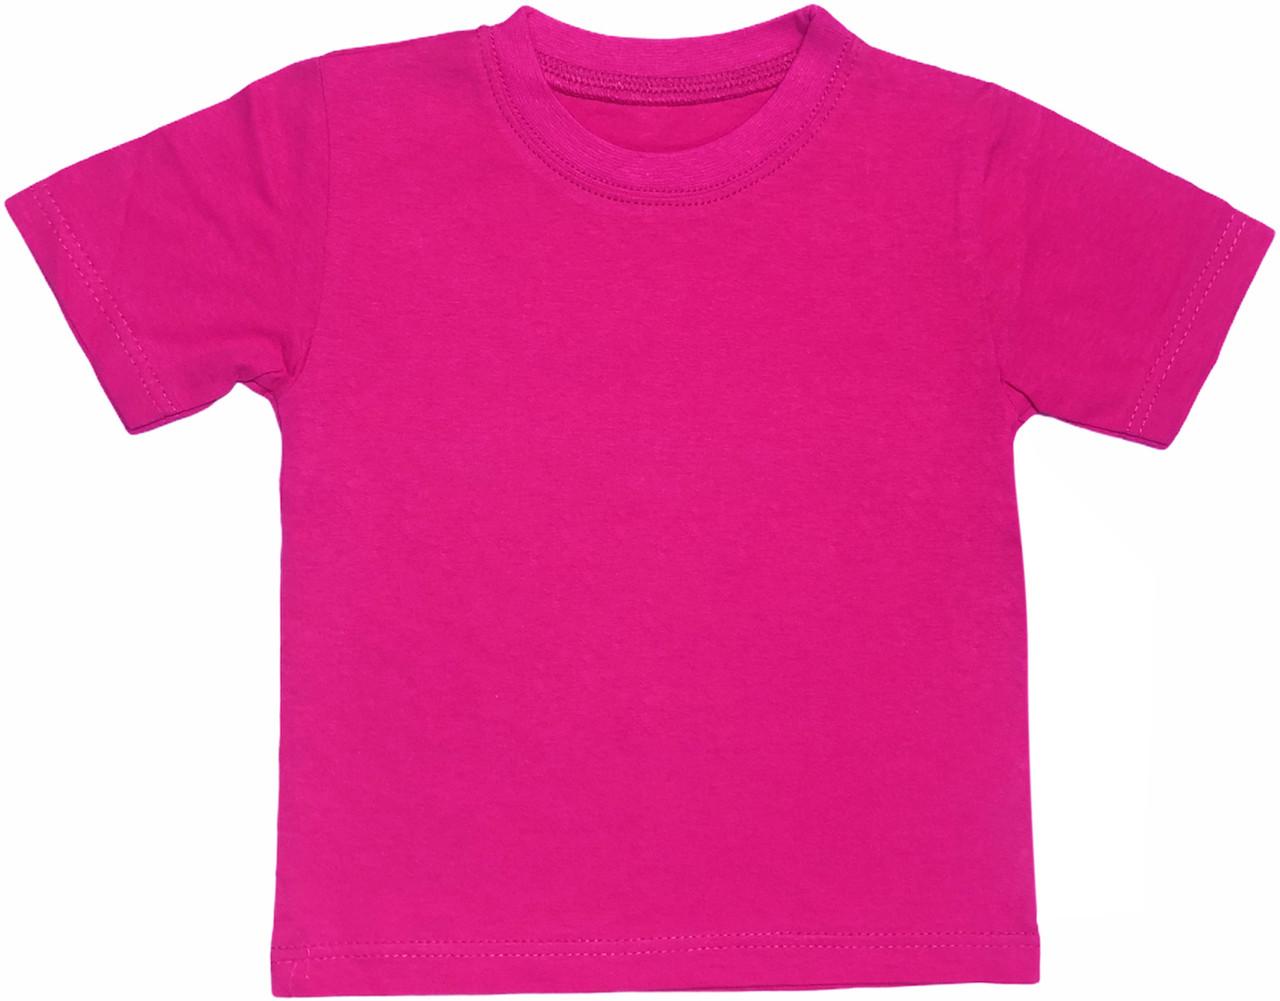 Дитяча футболка на дівчинку ріст 104 3-4 роки для дітей однотонна яскрава літня кулір бавовна малинова